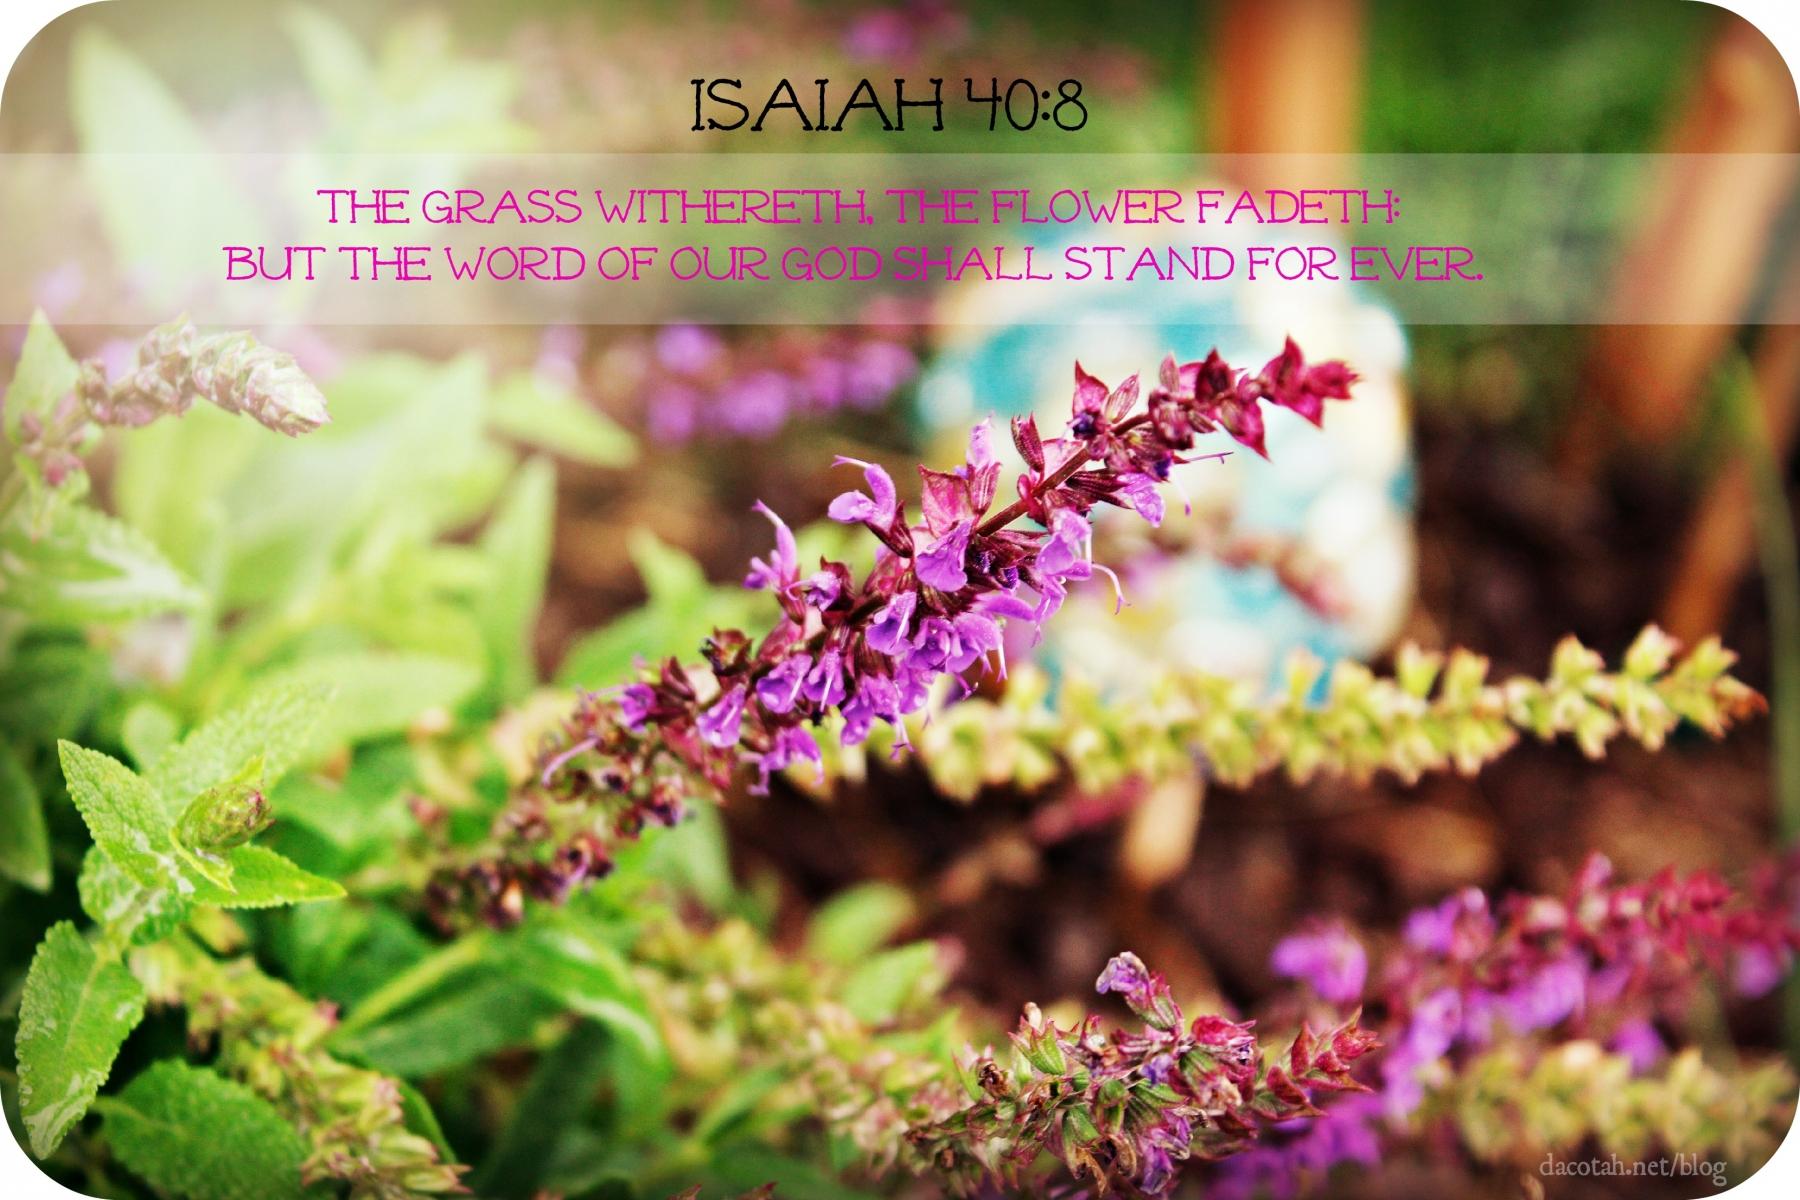 D2DL-Isaiah40:8